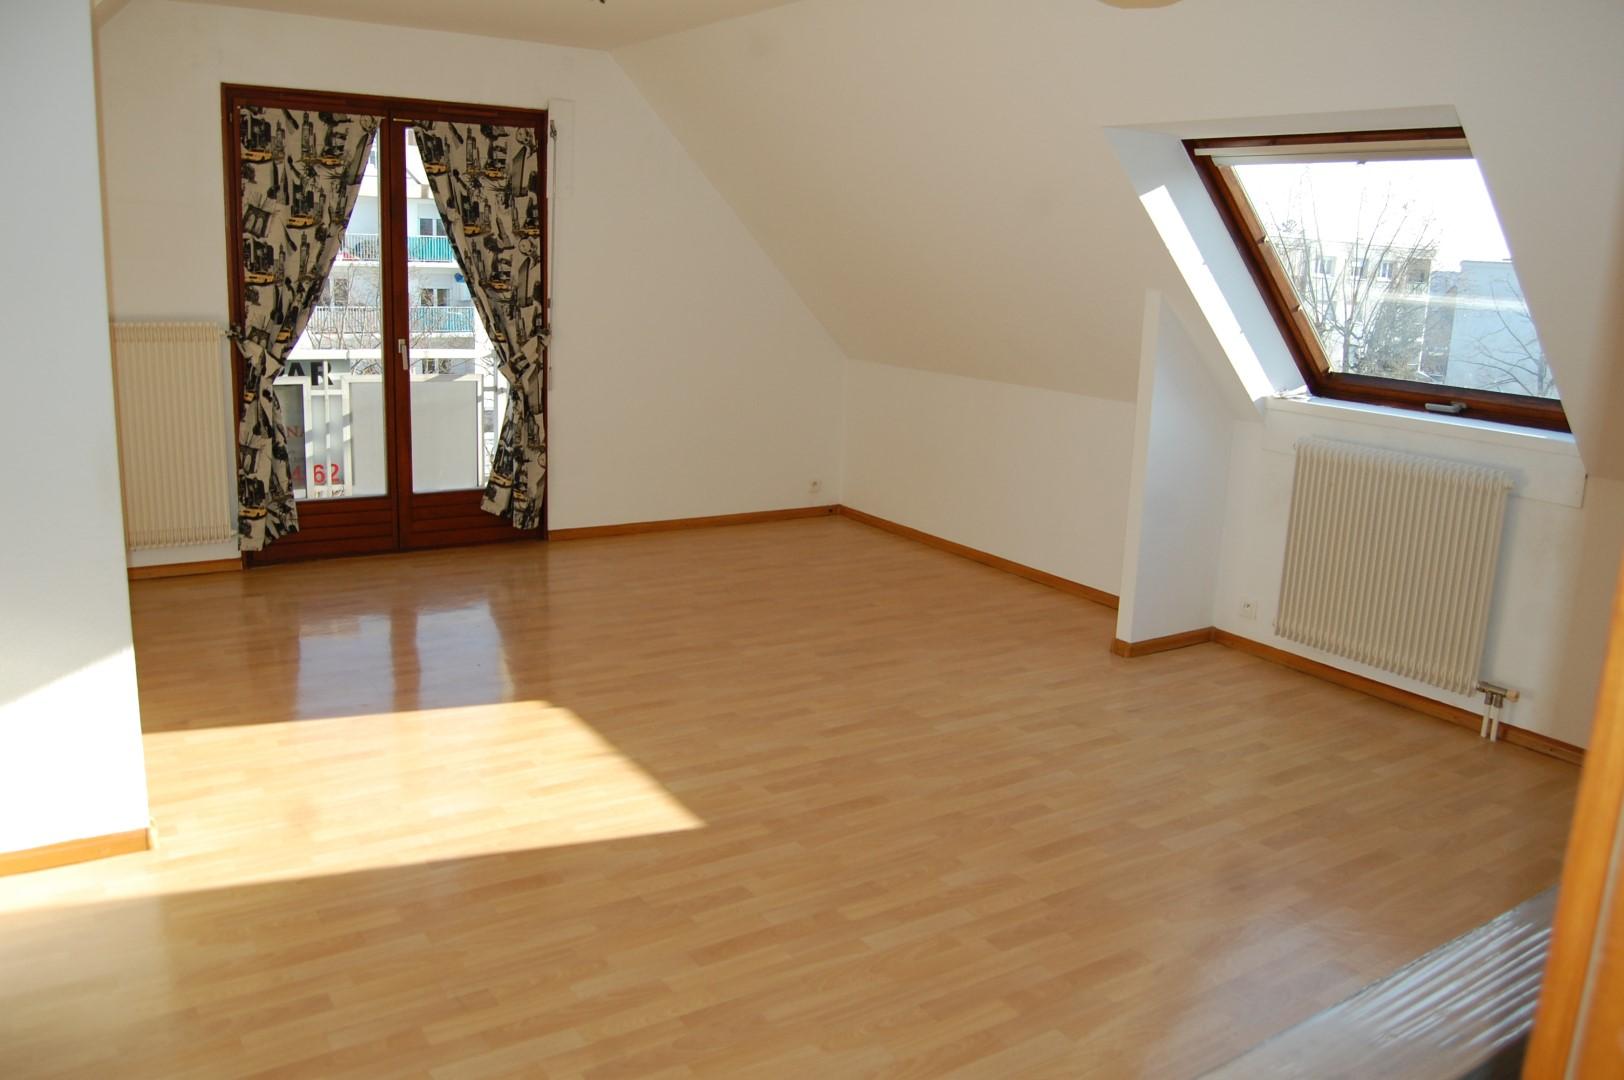 COLMAR A louer Beau F2 de 59.71 m² situé au 4èm et dernier étage